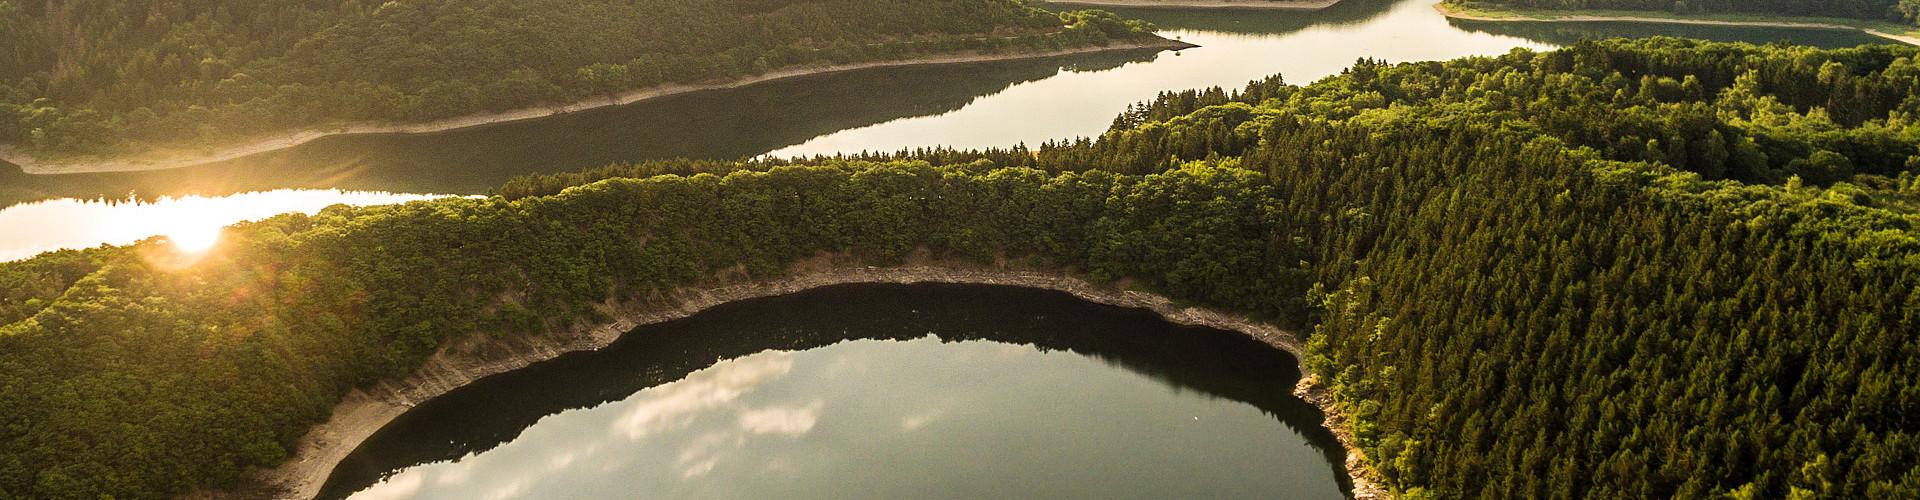 Urttalsperre - Talsperrenlandschaft im und um den Nationalpark Eifel